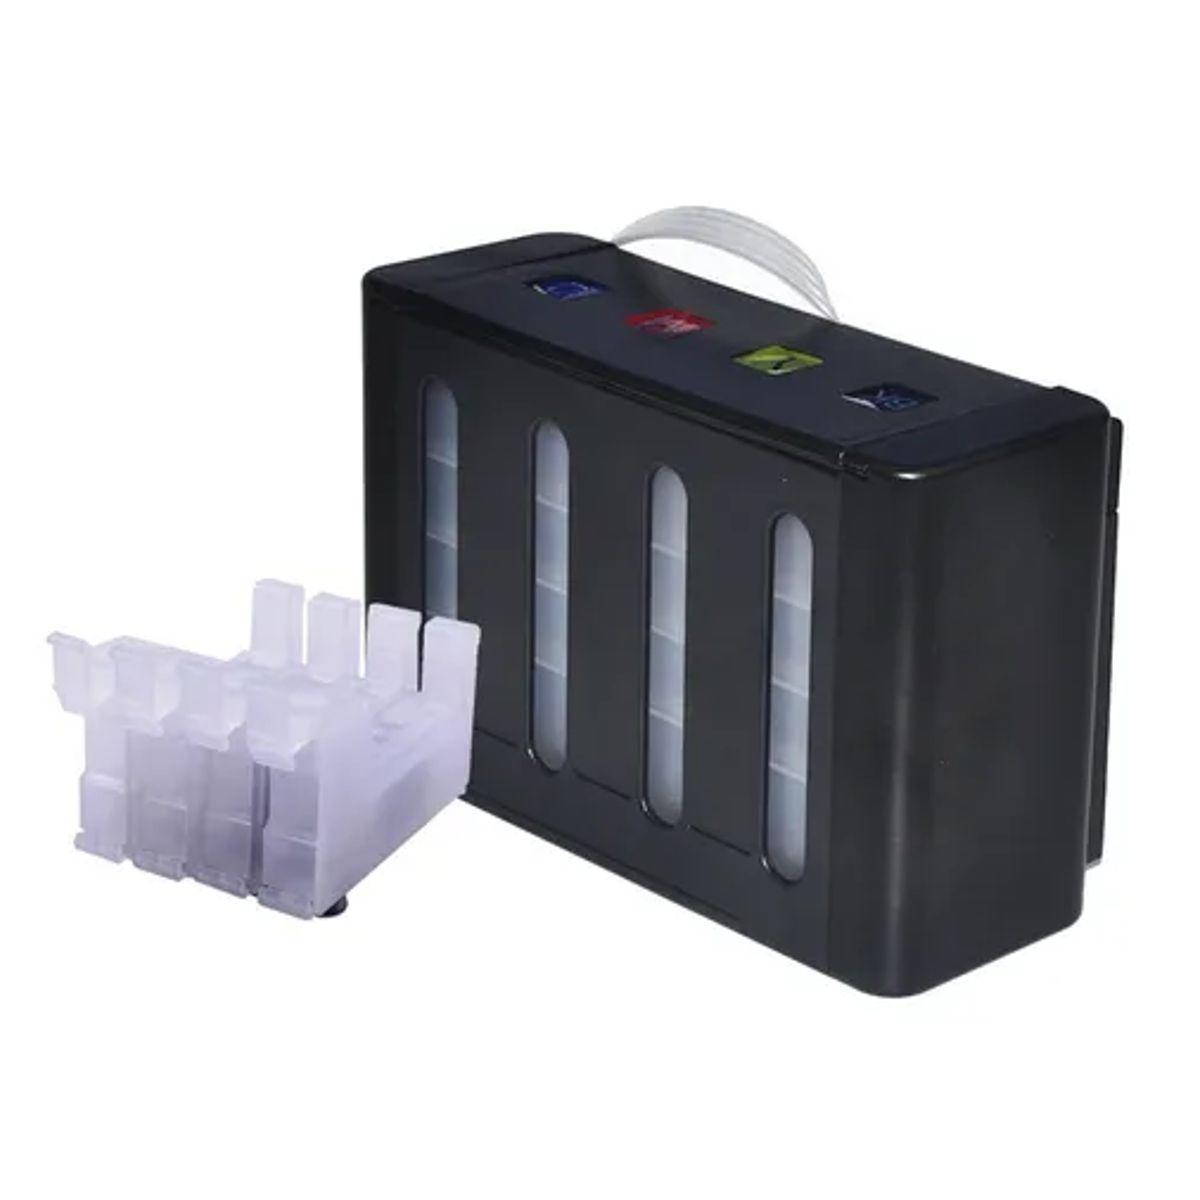 """Reservatório Bulk Ink Caixa Preta 4 Cores """"LUXO"""" com Cartuchos Transparente para Epson - Vazio"""